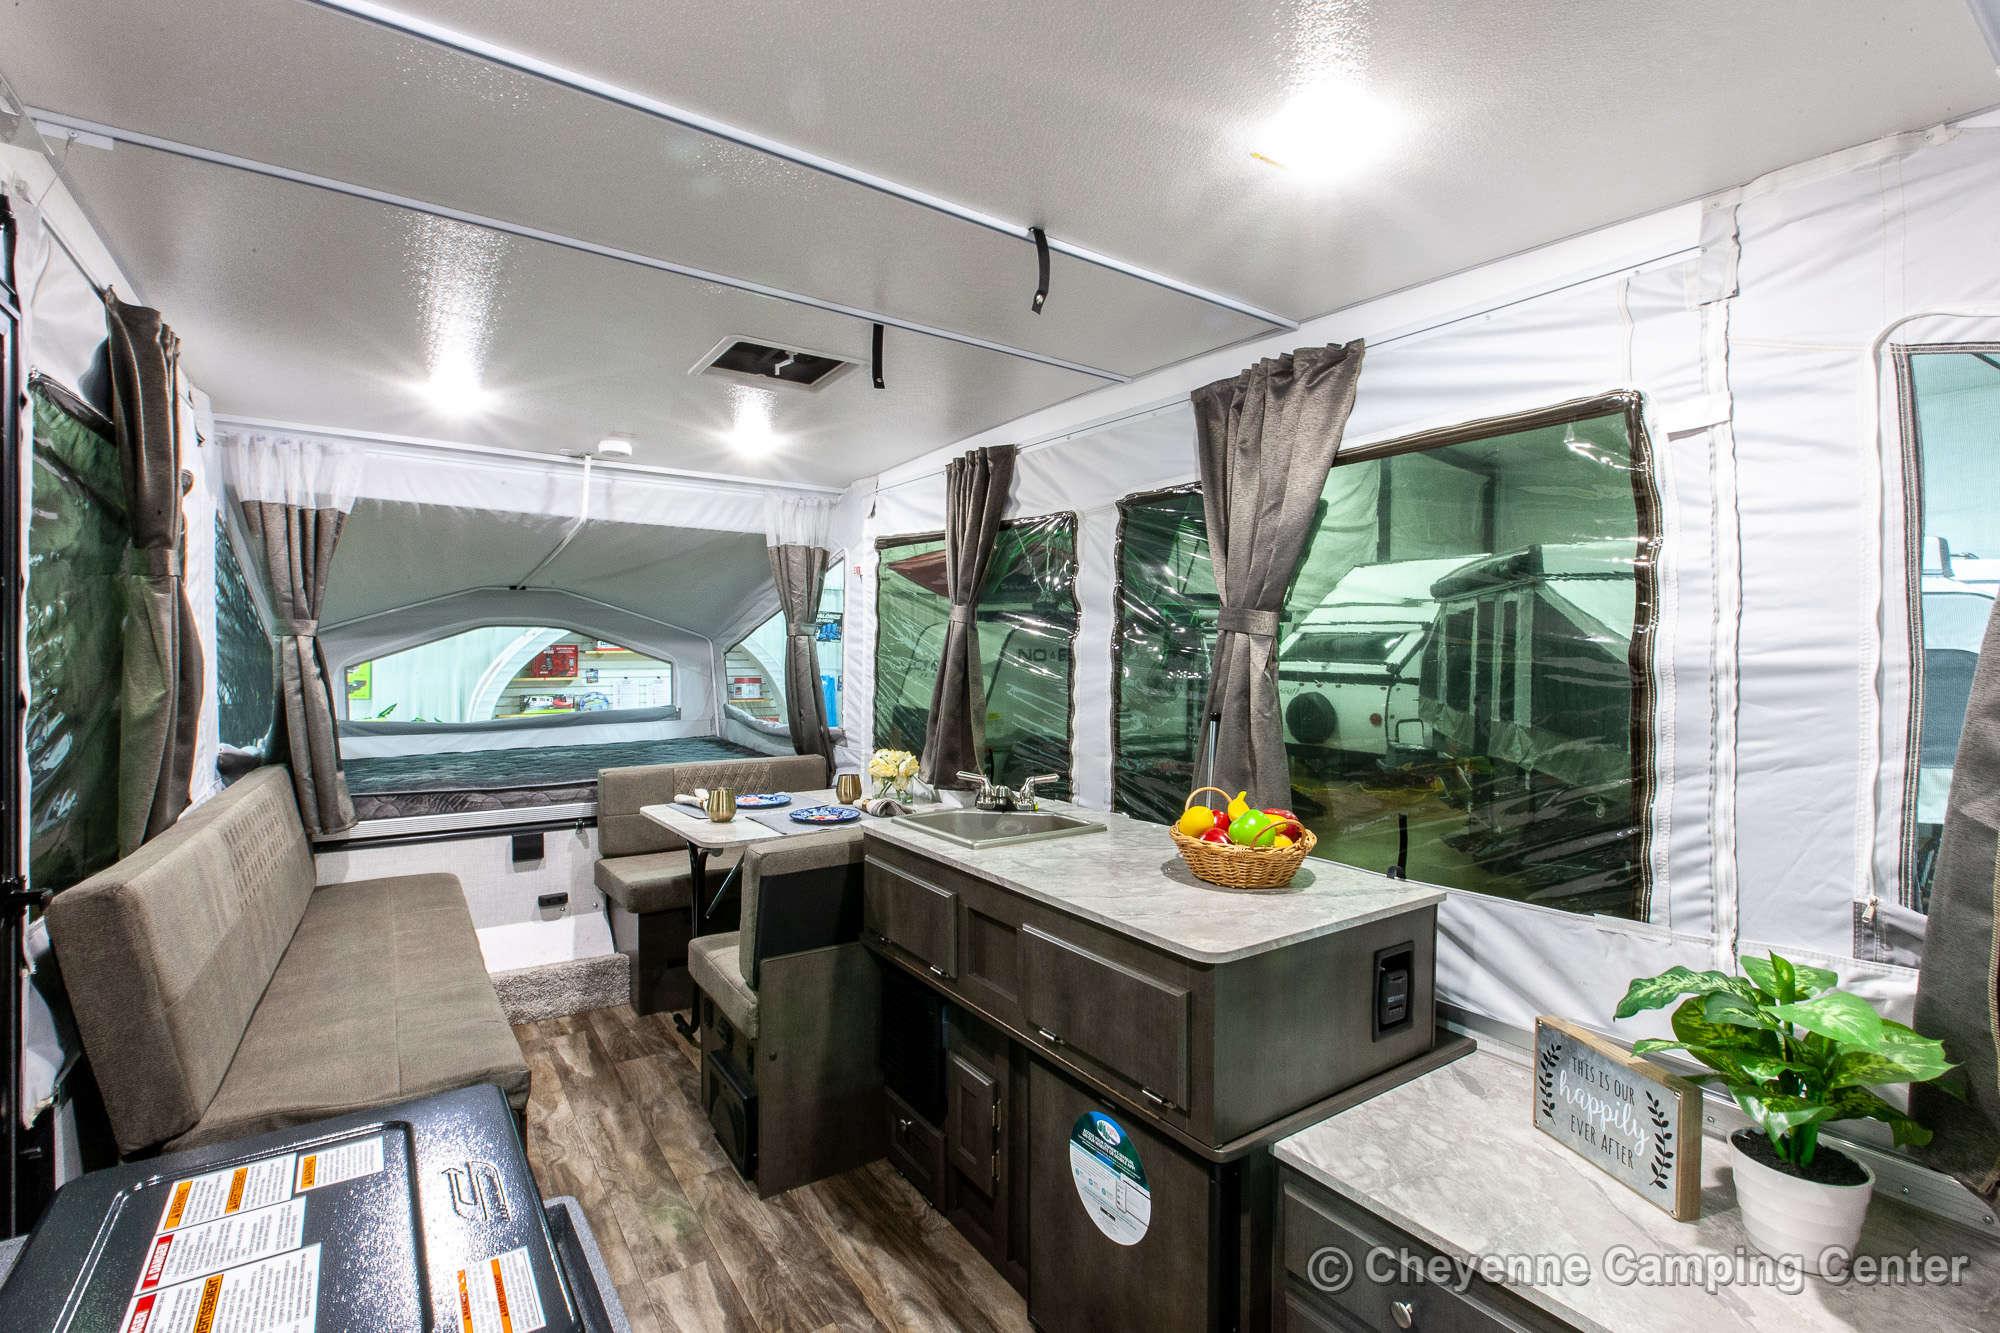 2021 Forest River Flagstaff LTD 228LTD Folding Camper Interior Image